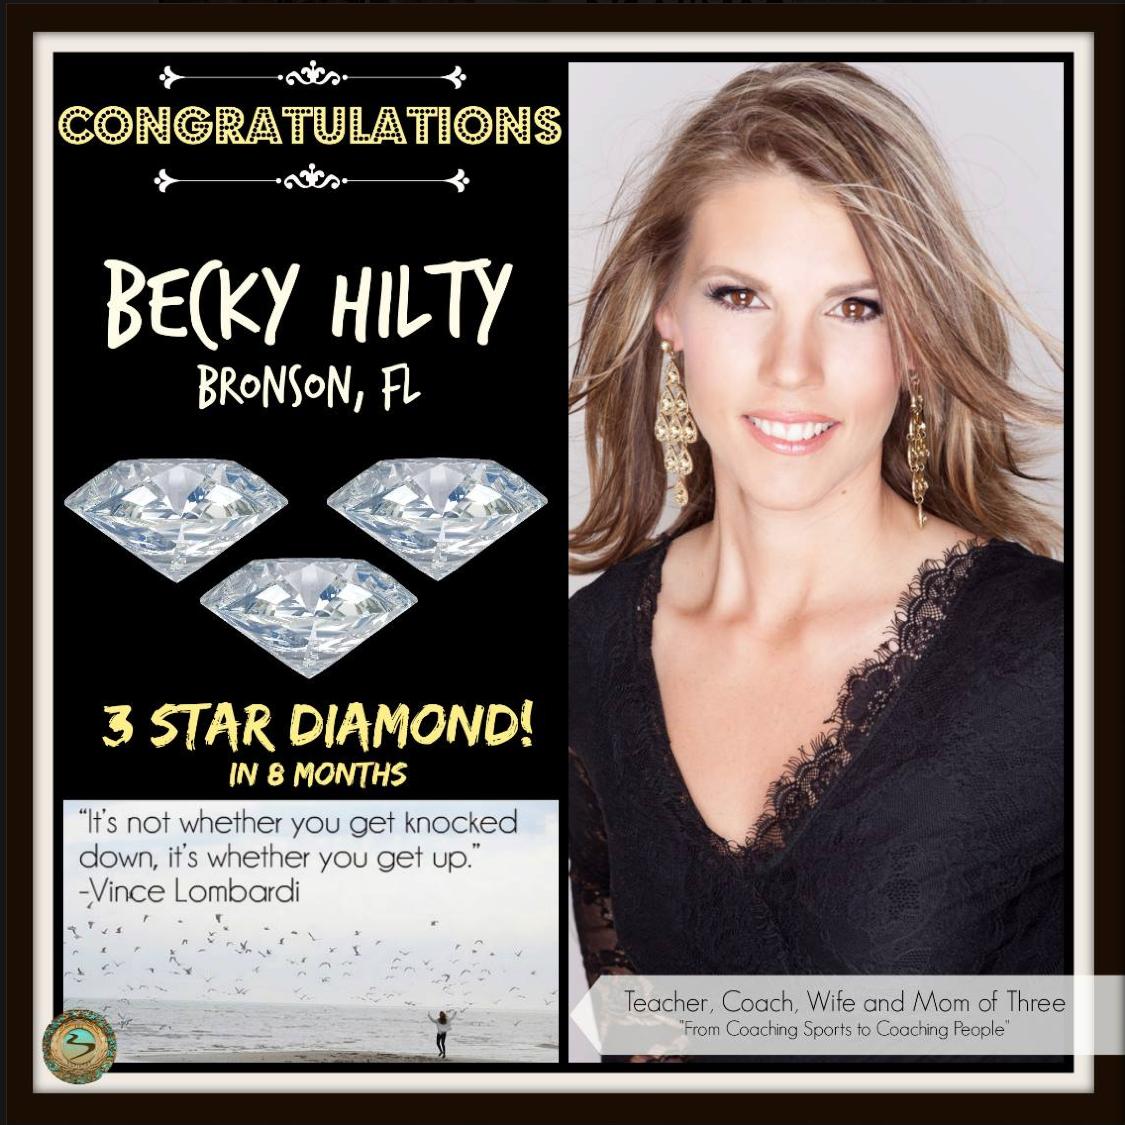 Becky Hilty